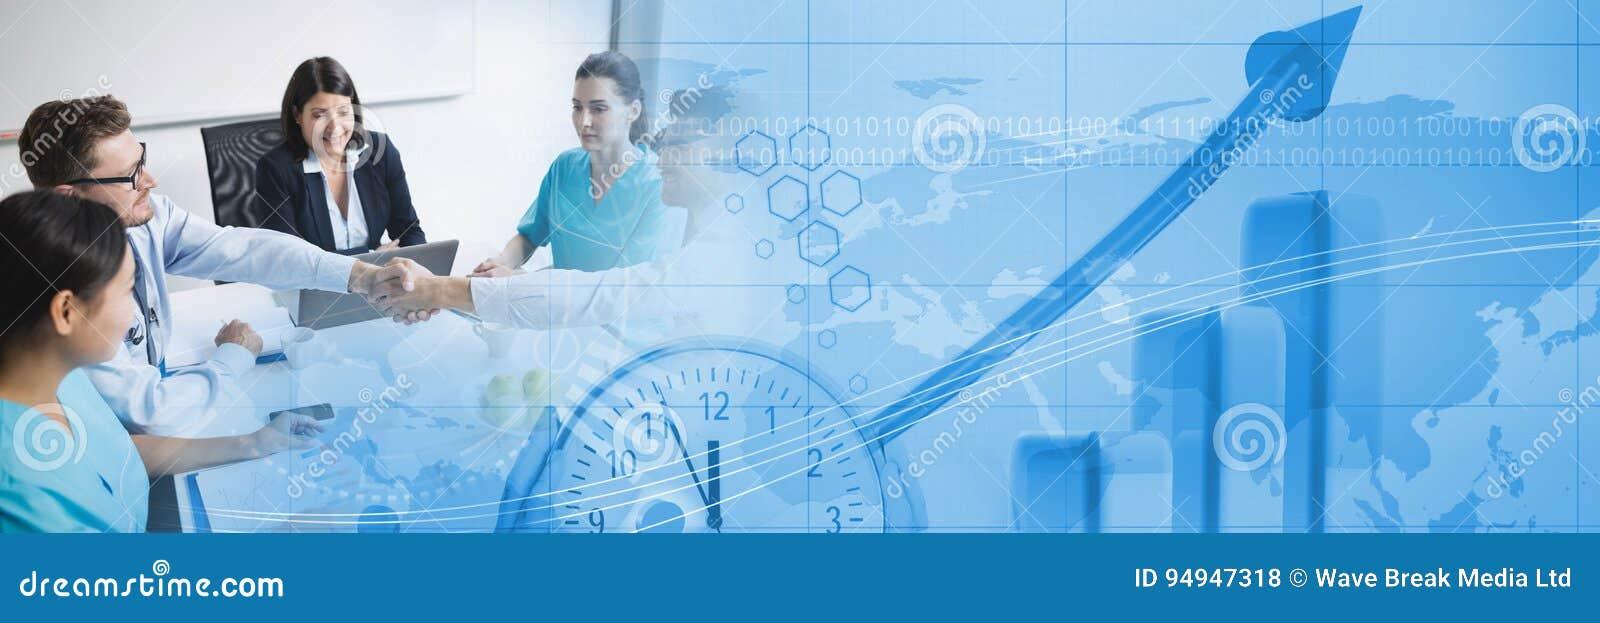 Reunión de negocios médica con la transición azul del gráfico de las finanzas